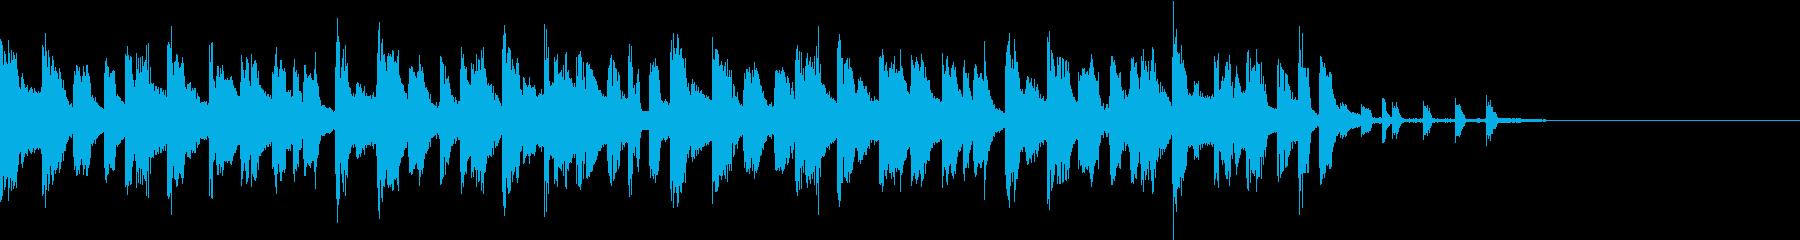 切ないイメージのテクノポップ ジングル1の再生済みの波形